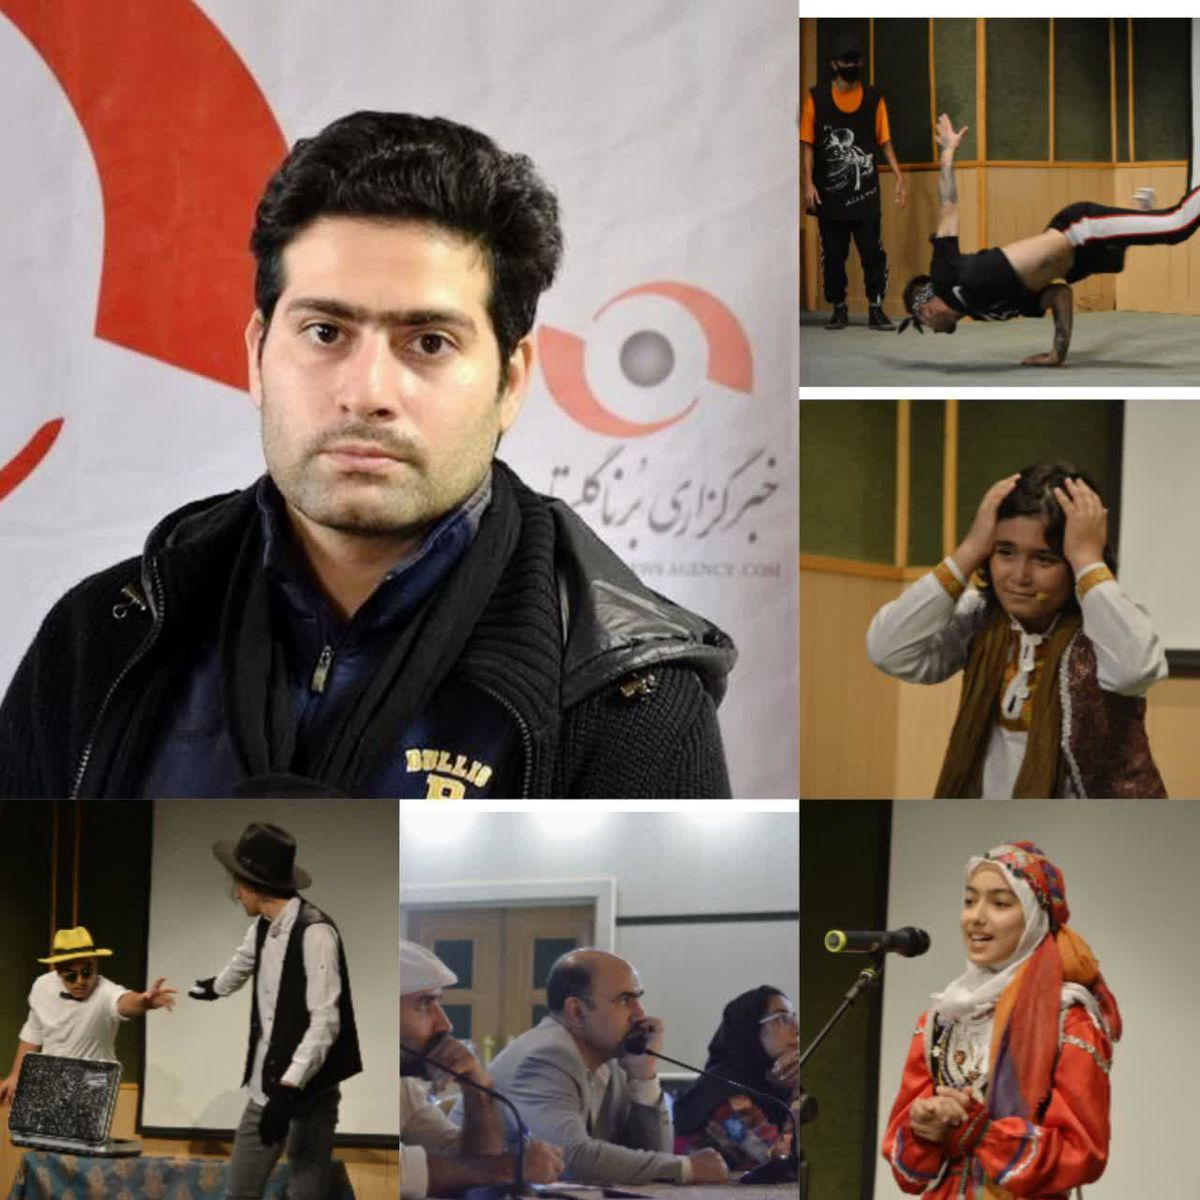 نفرات برتر مسابقه استعدادیابی «شکوفه گلستان» معرفی شدند